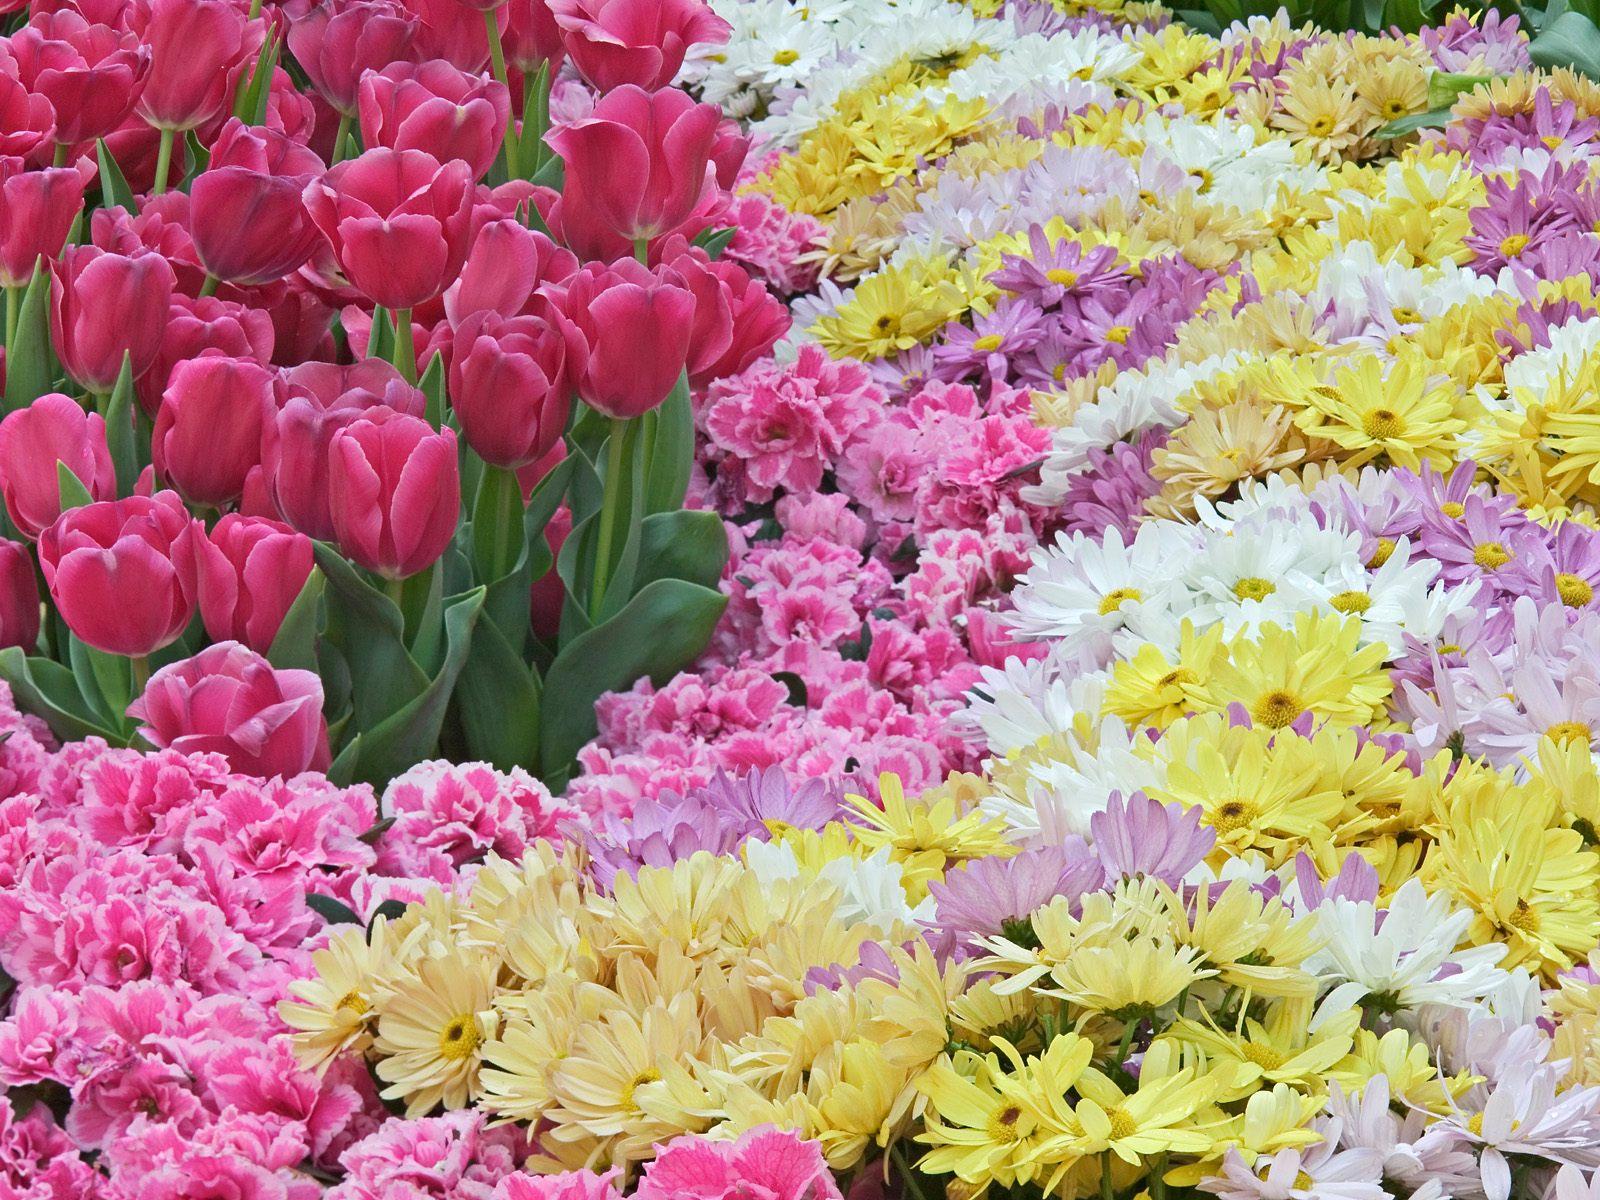 manto de flores preciosas - Fotos De Flores Preciosas